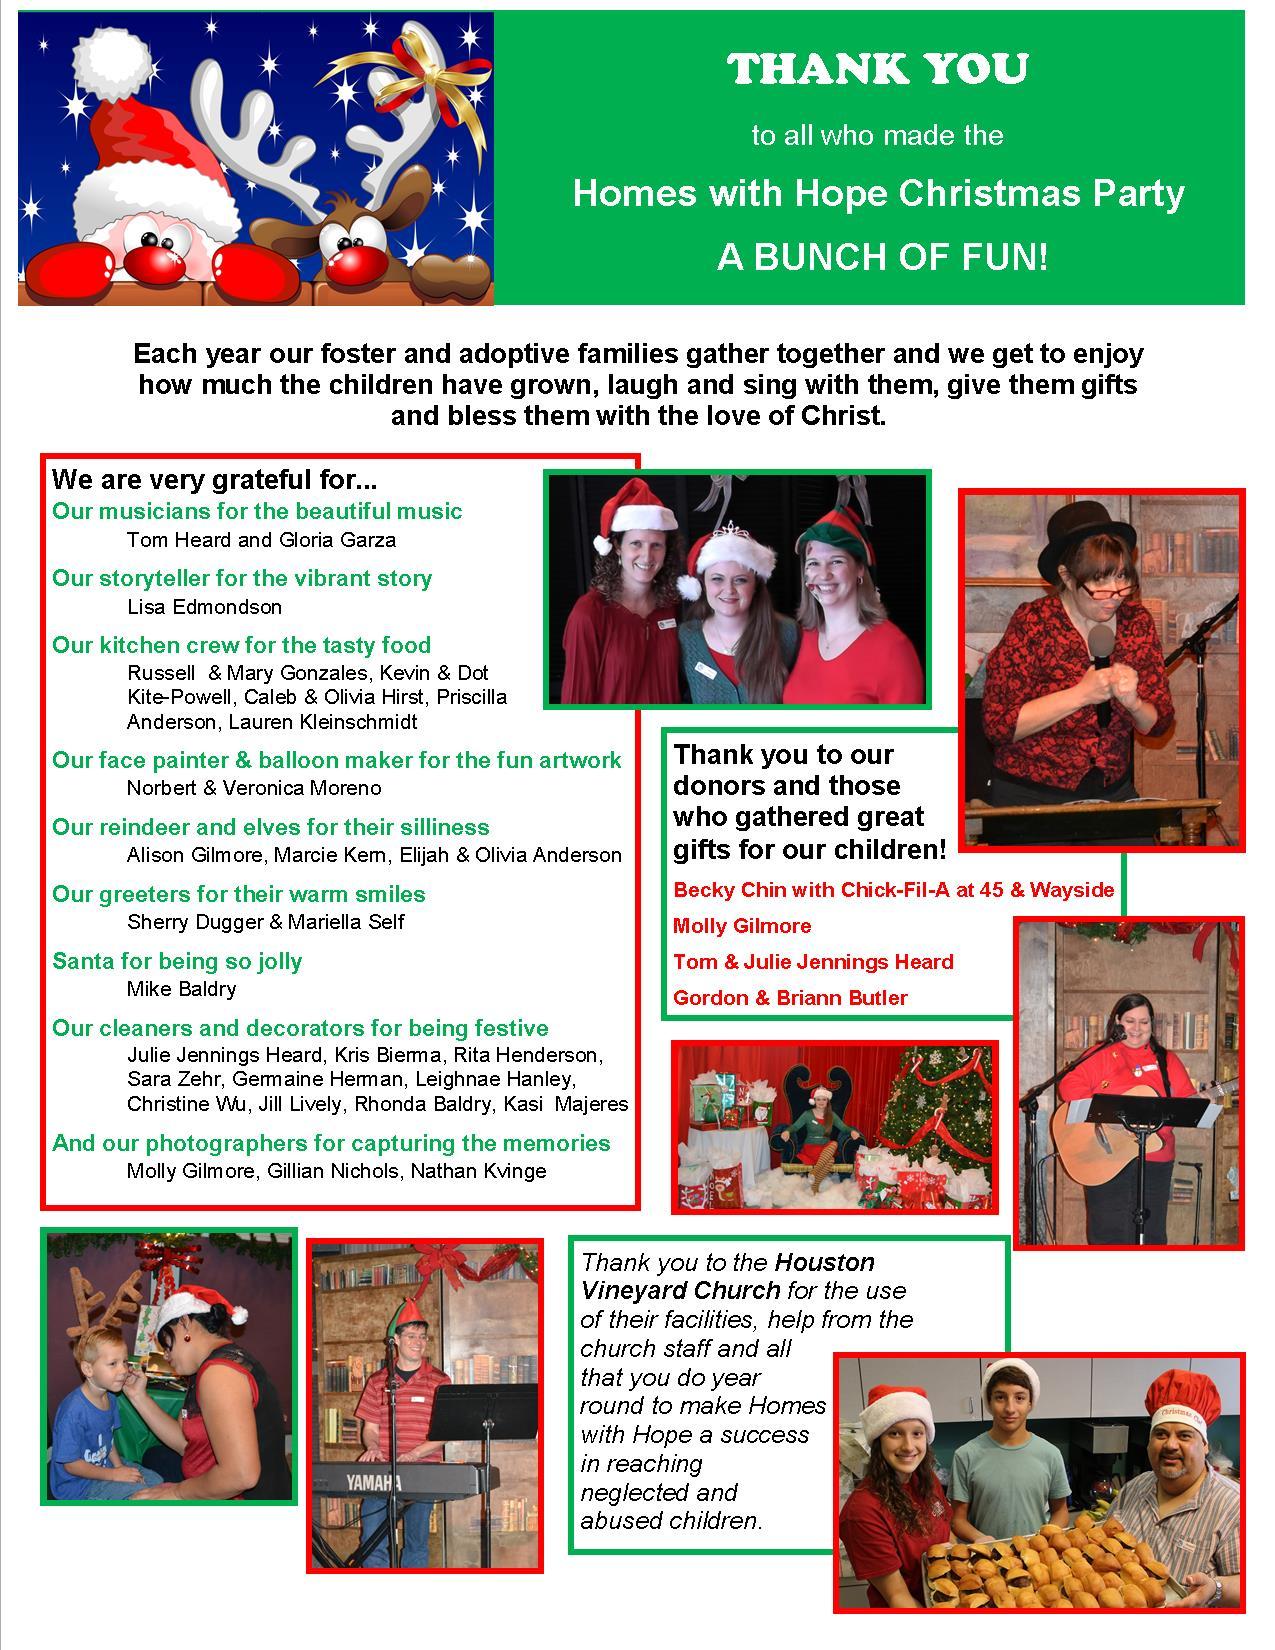 2014 Christmas thank you page